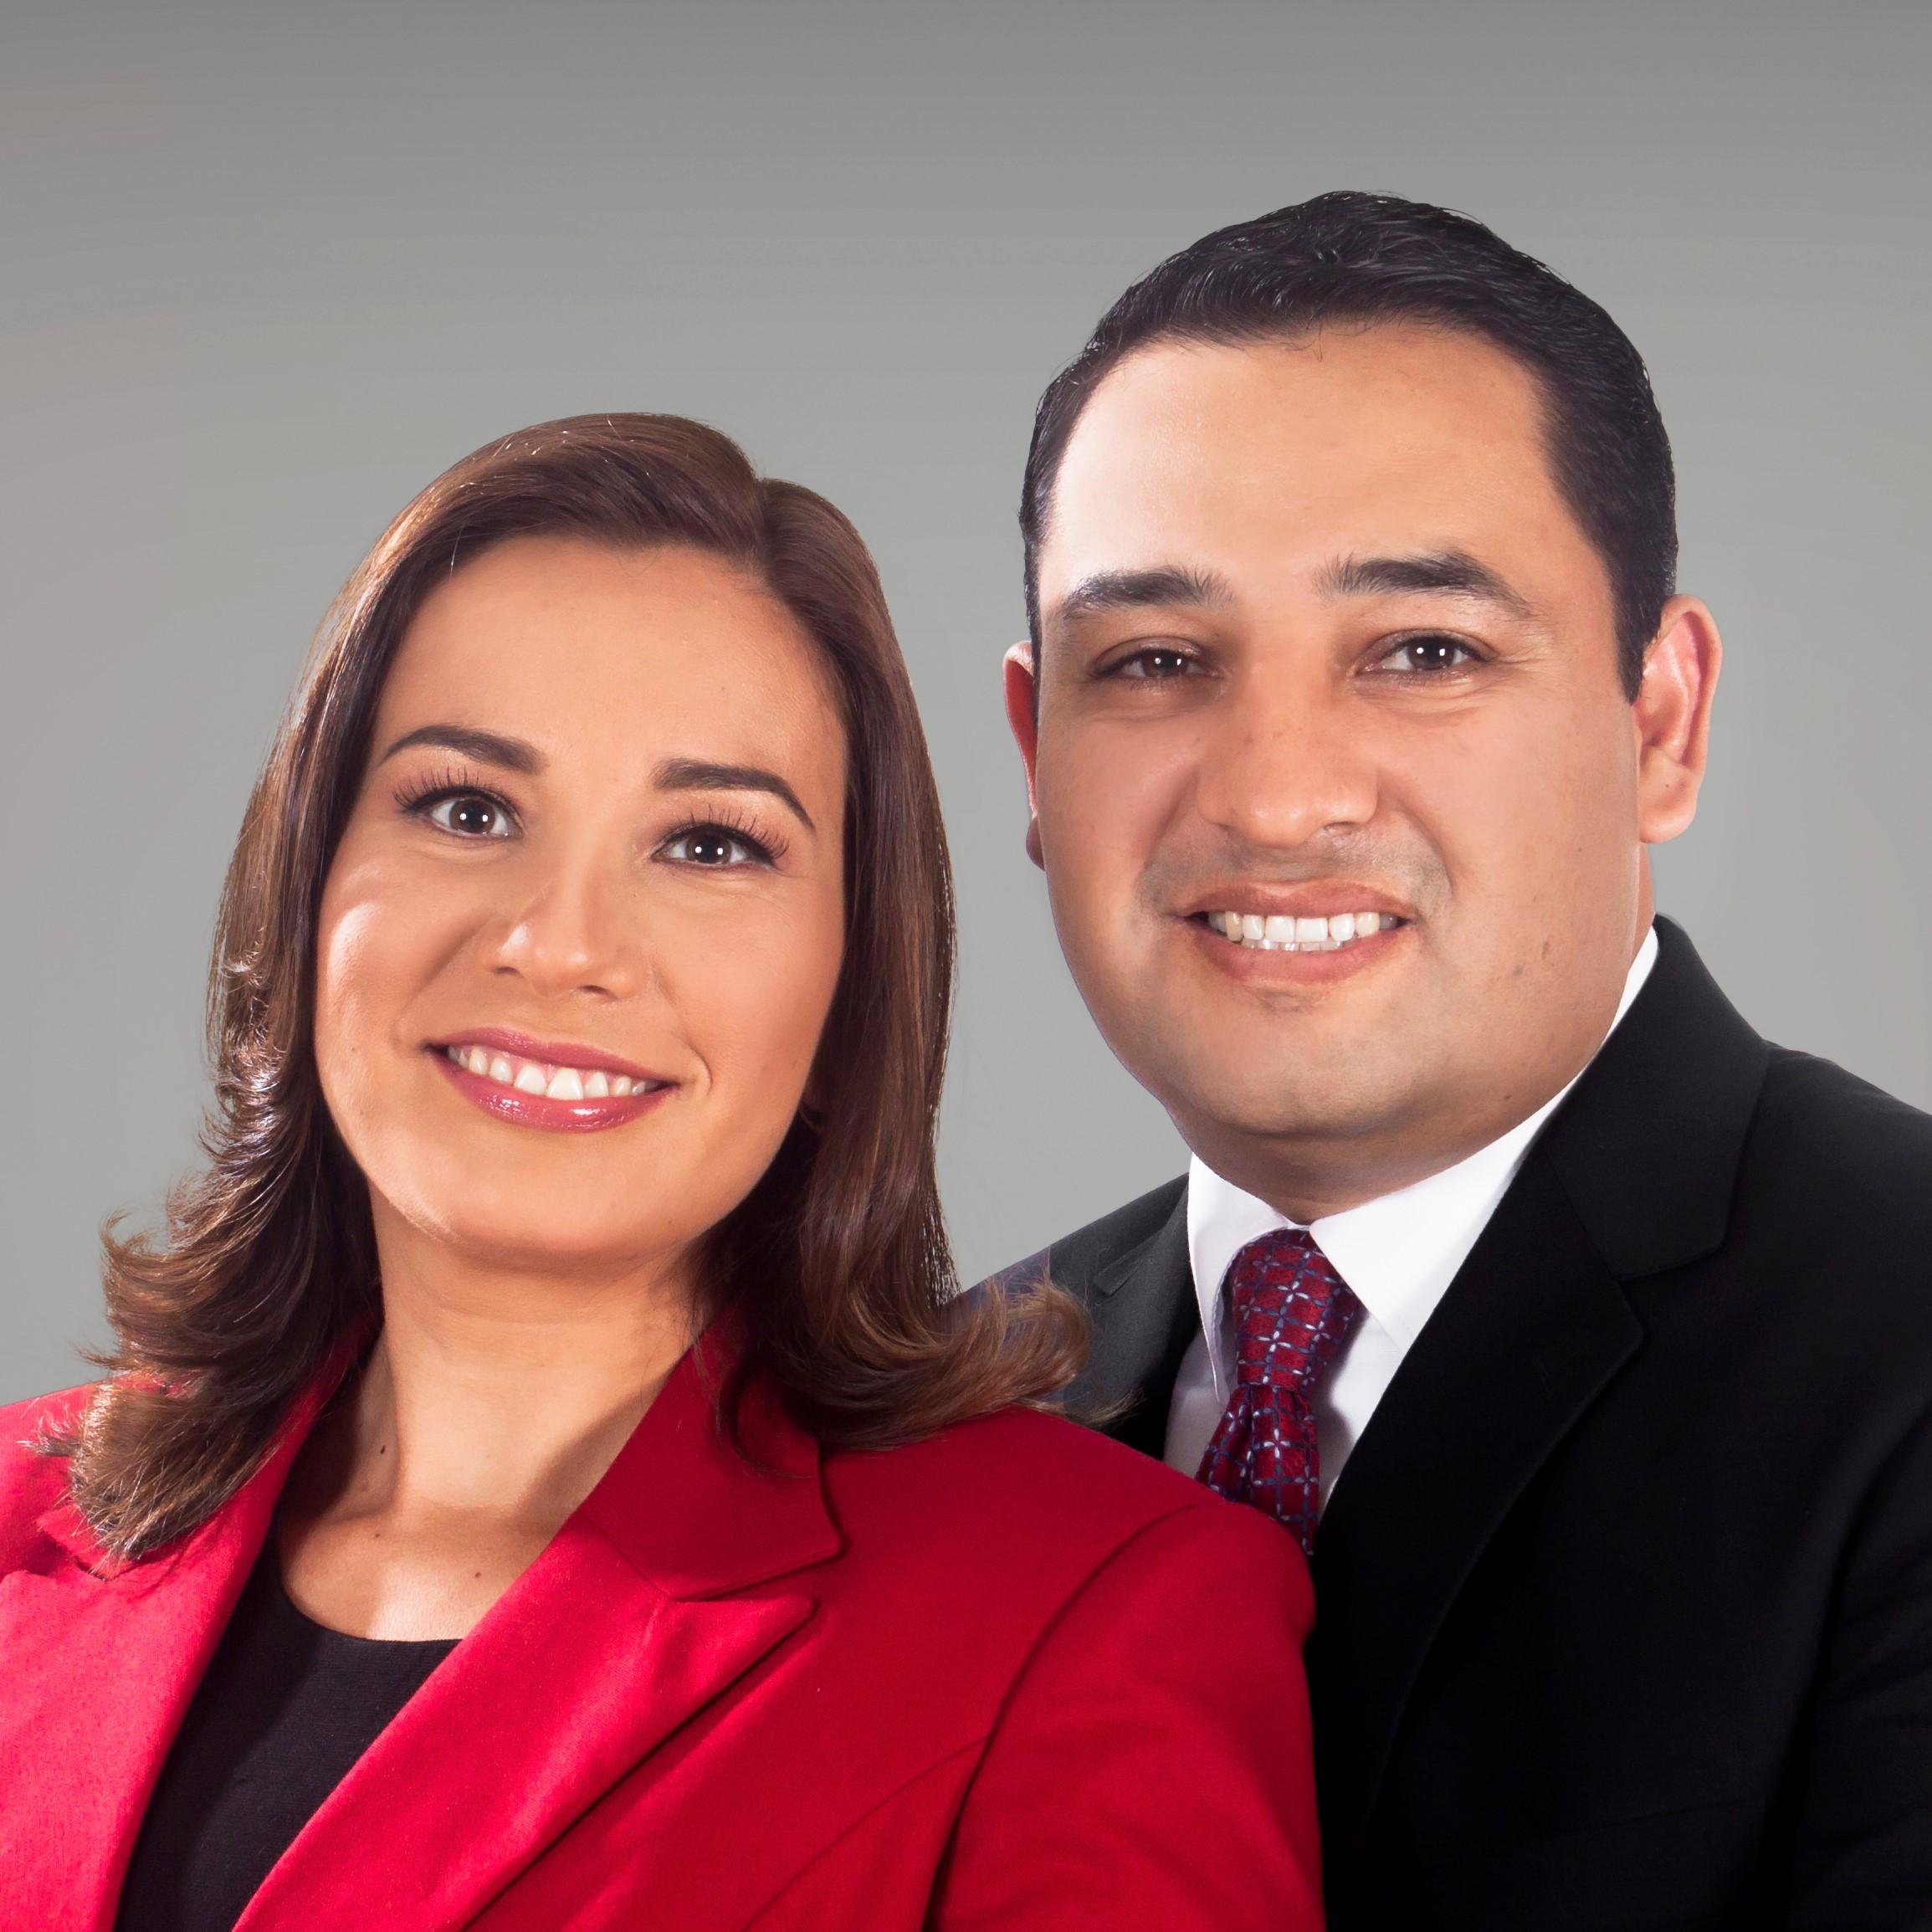 Jenny E. Antelo de Salazar and Randol Salazar Quiroga